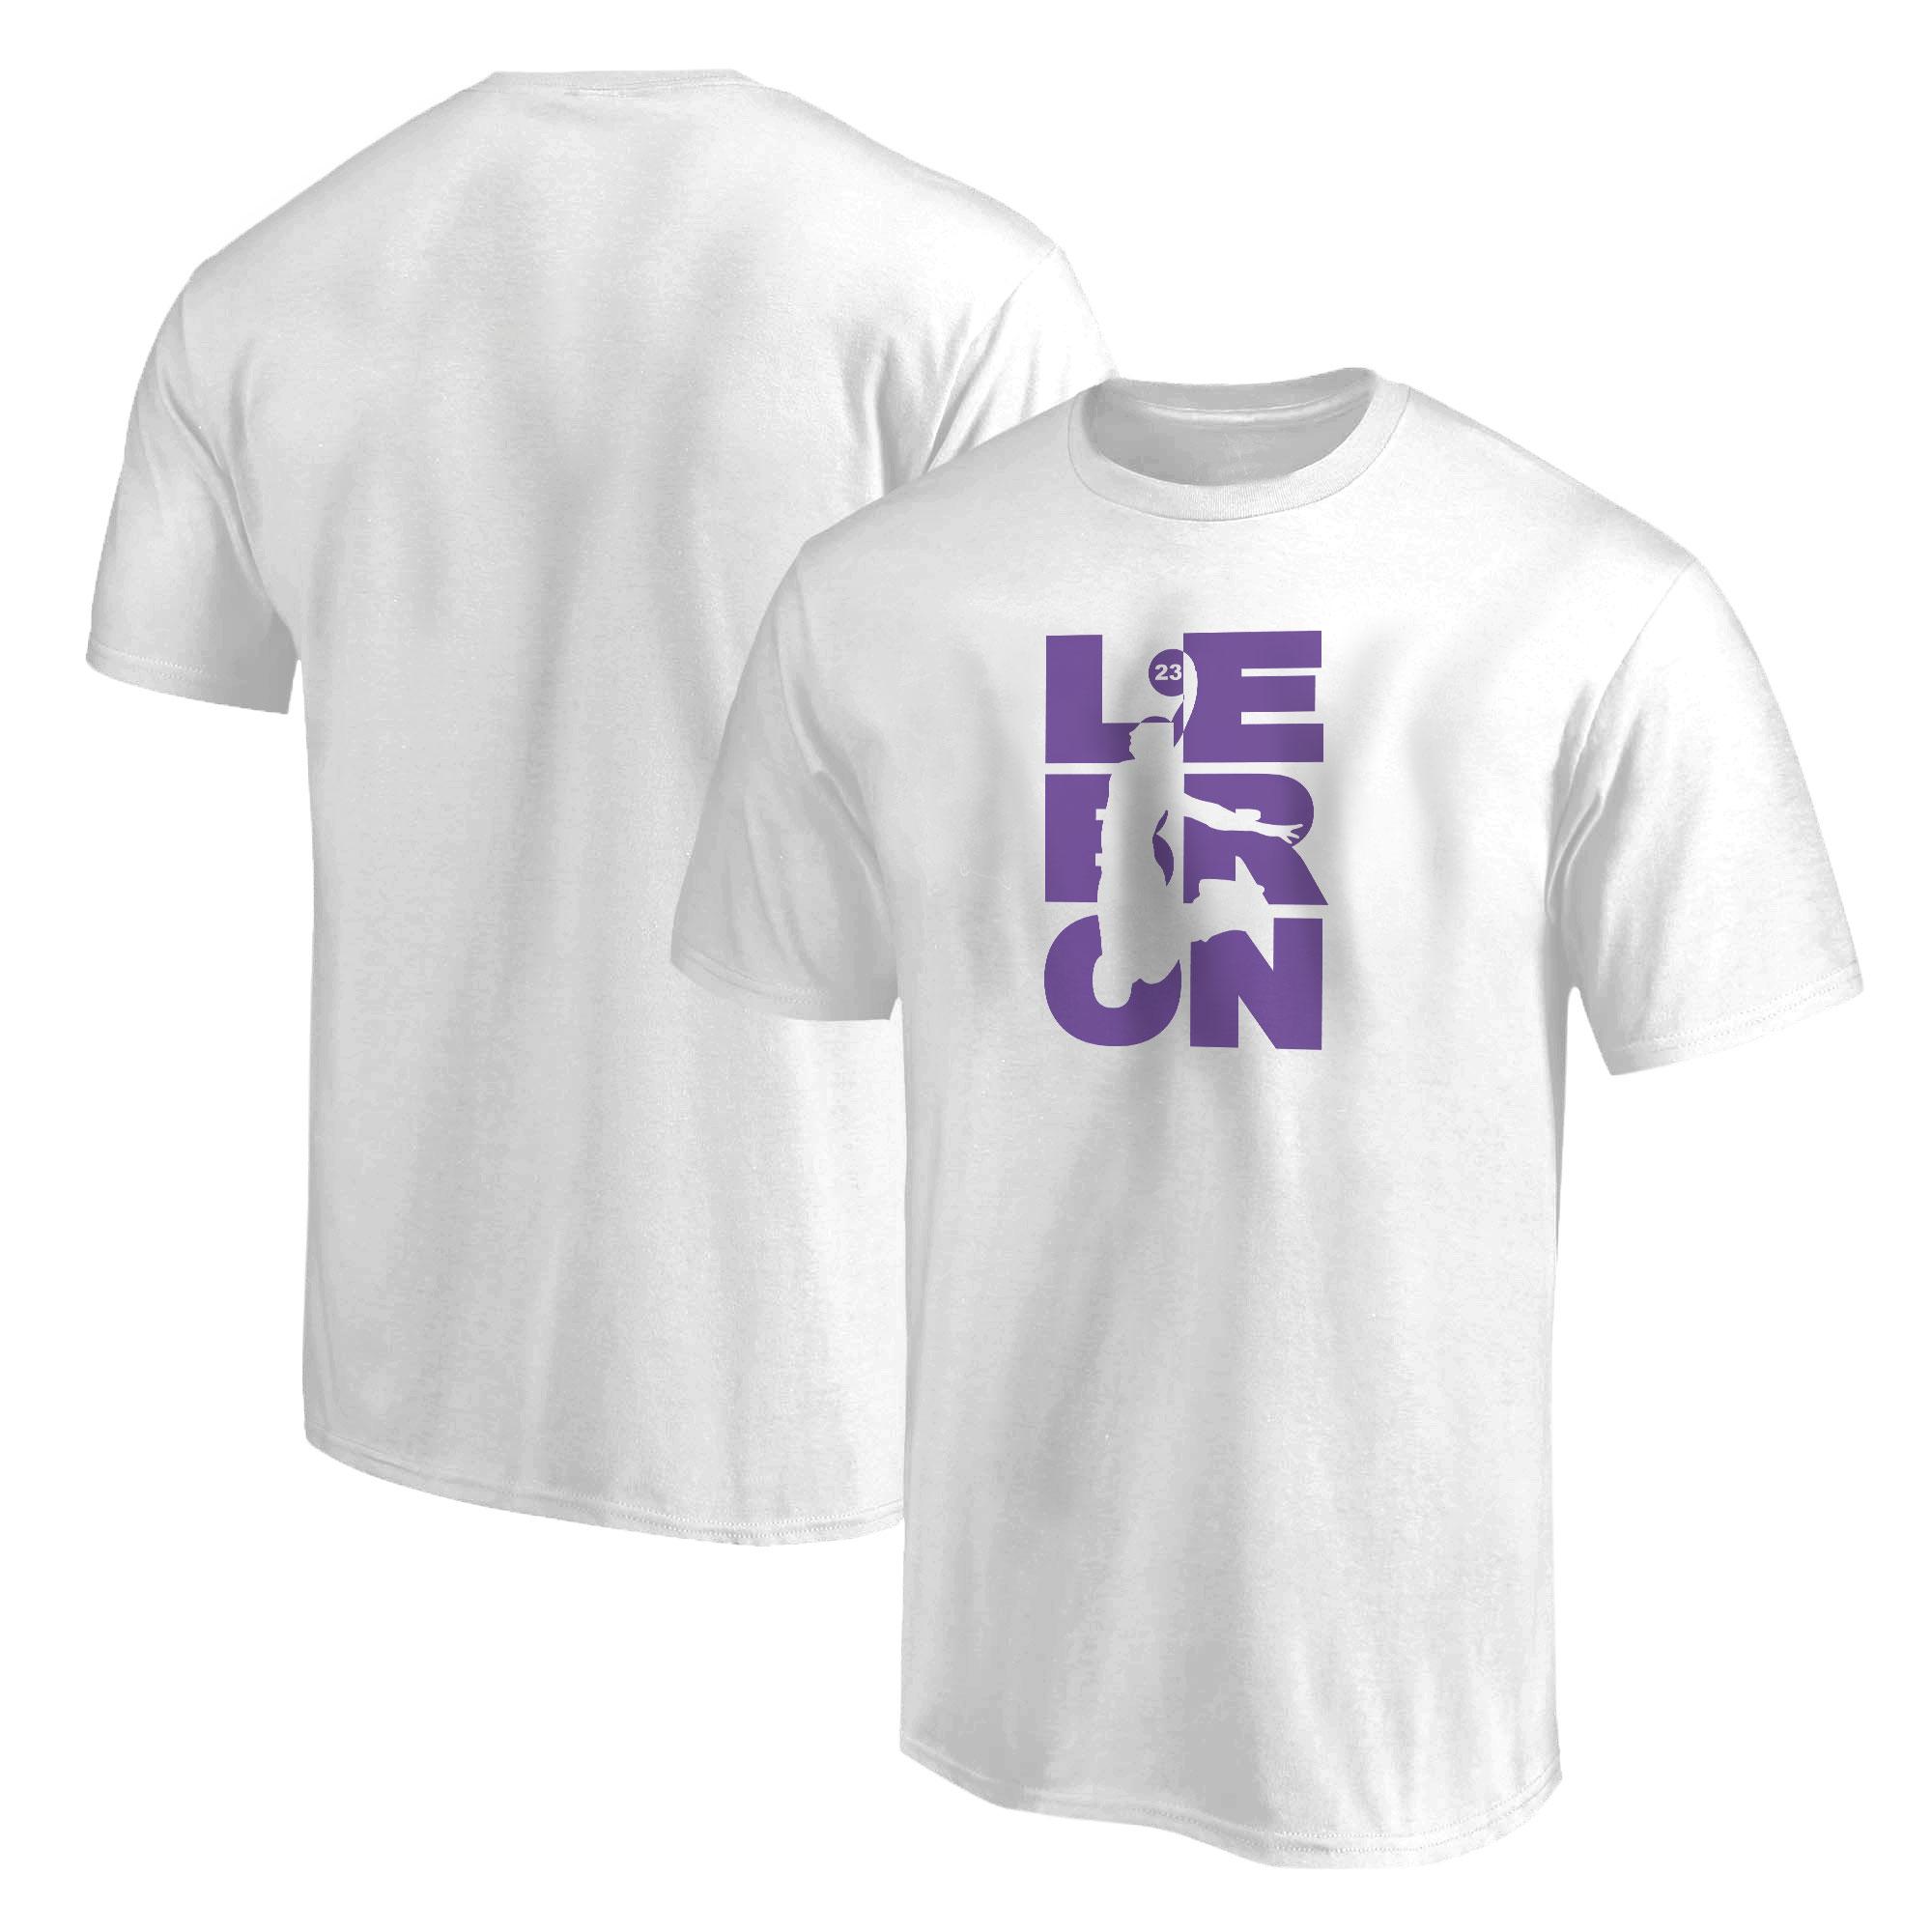 Lebron James Tshirt (out-TSH-WHT-381-LBRN-JAMES)